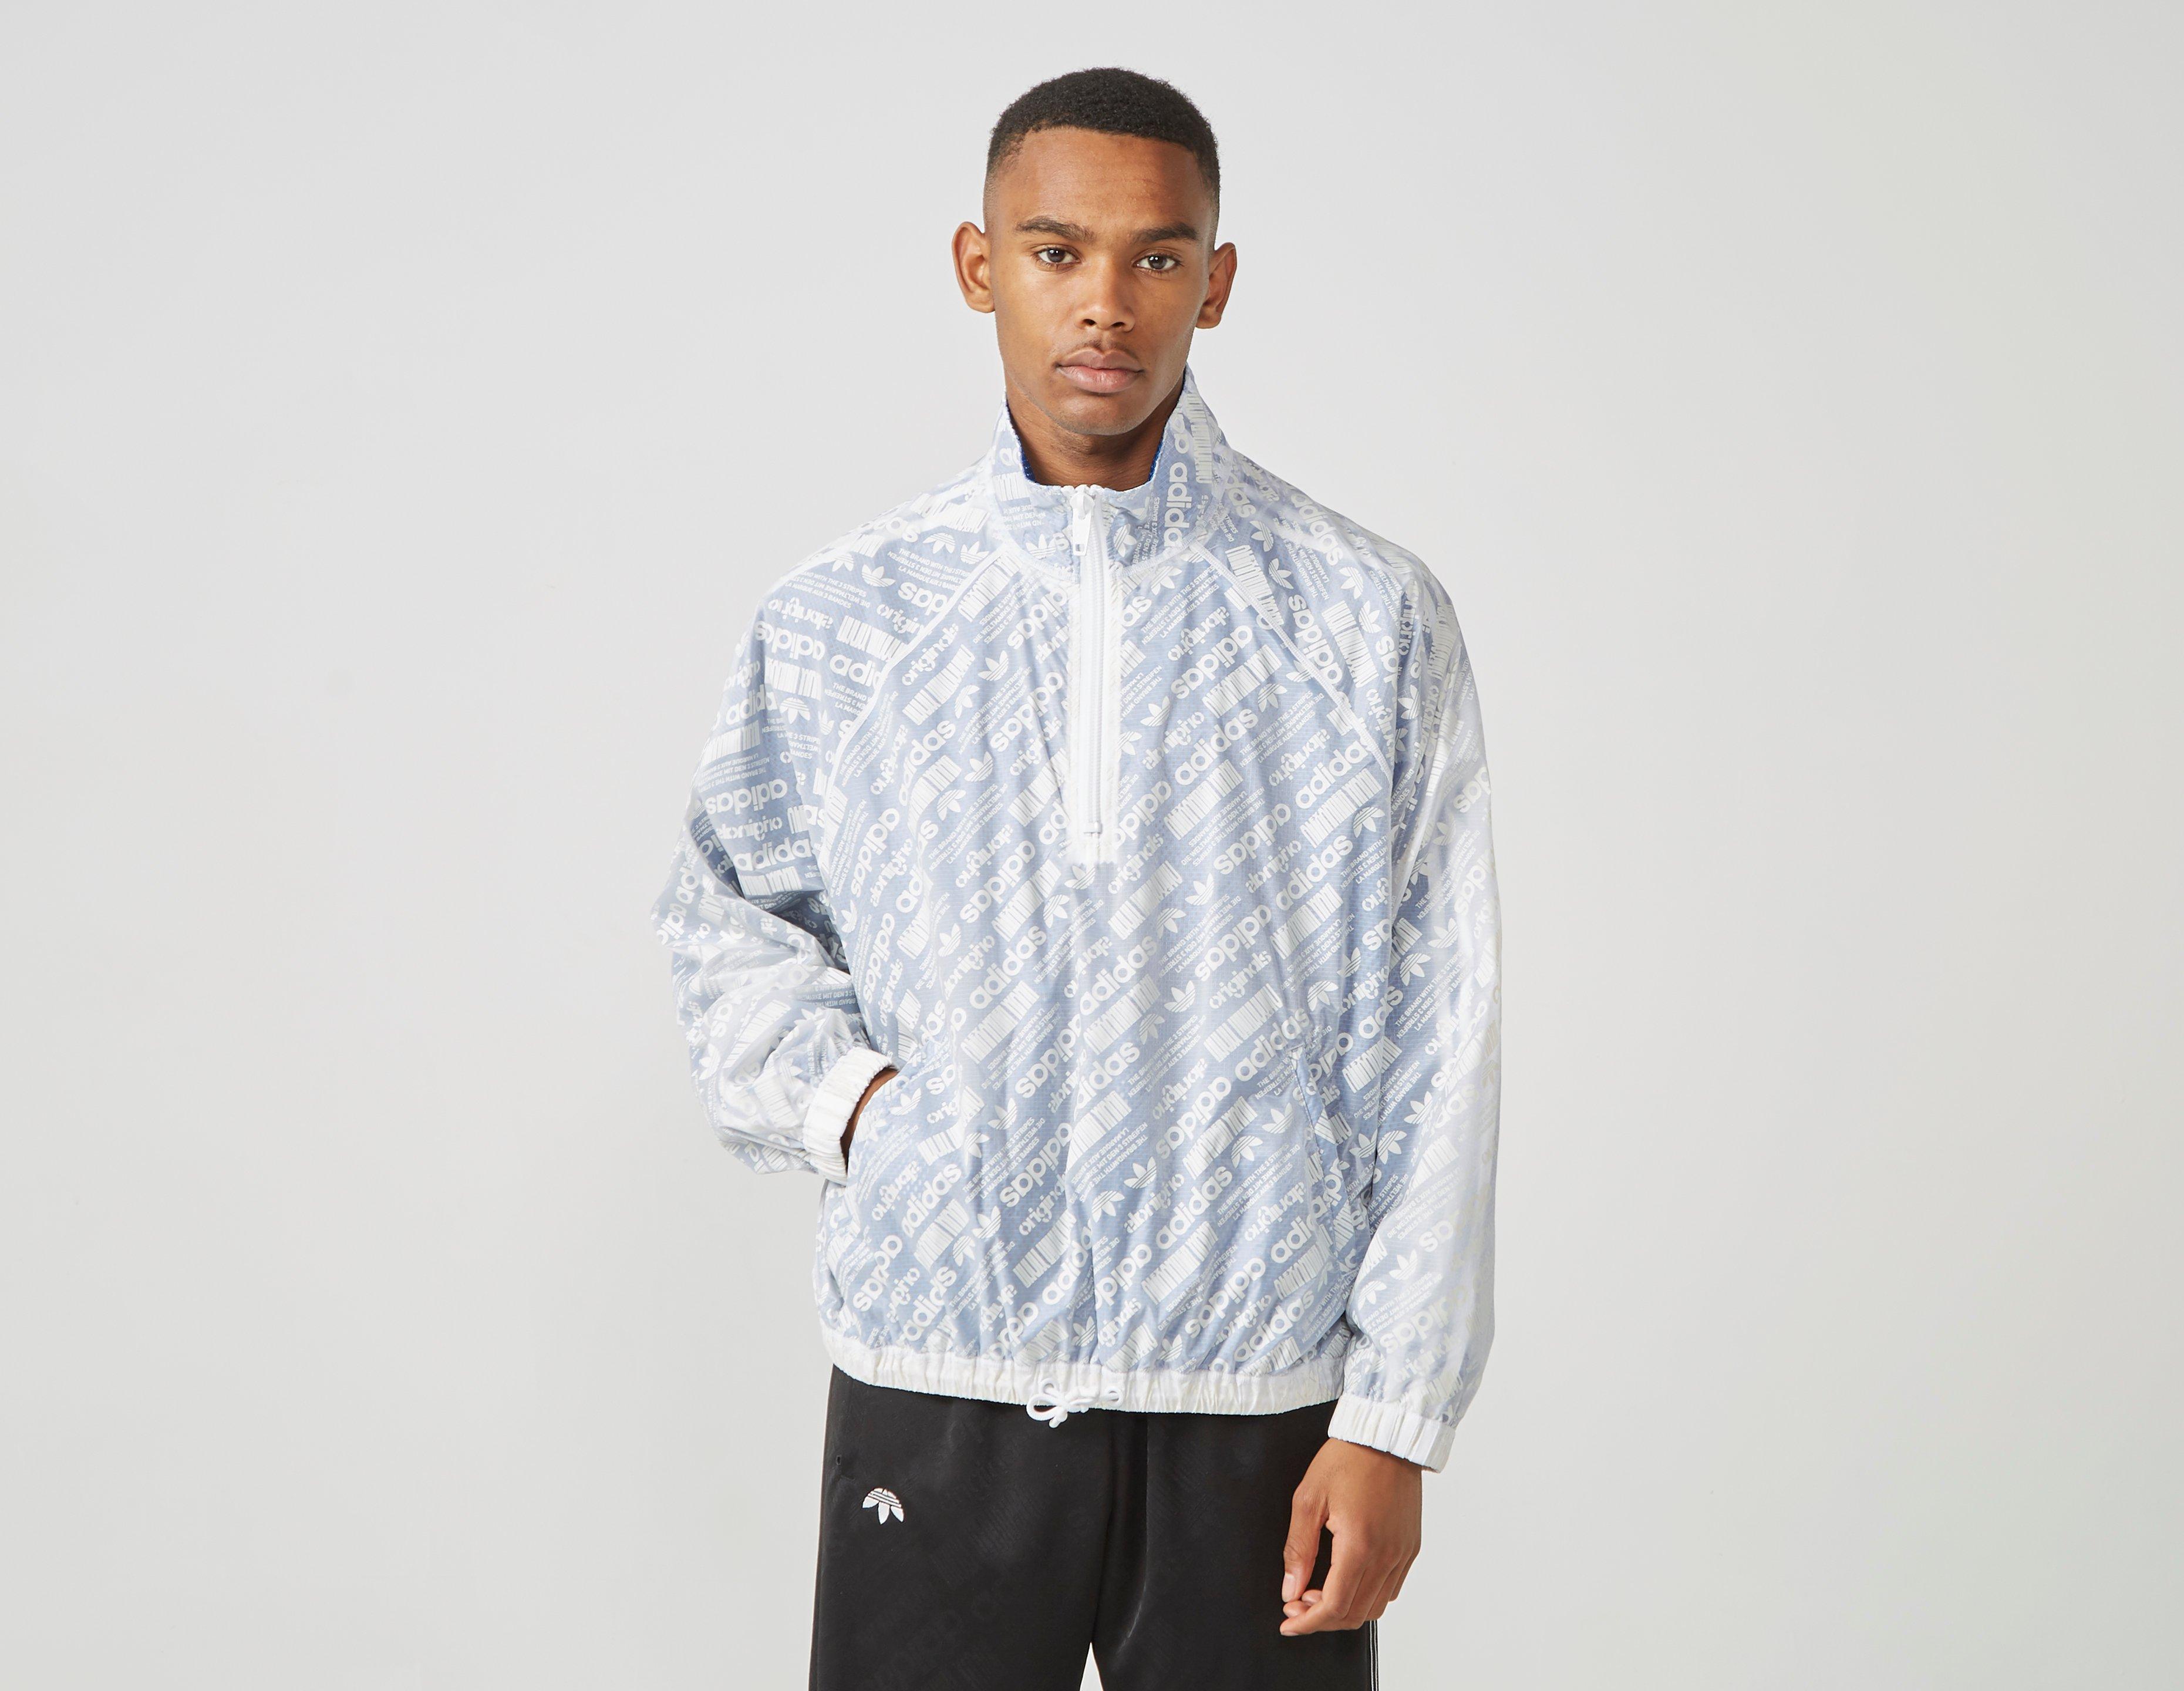 Adidas Goes to Fashion Patrol